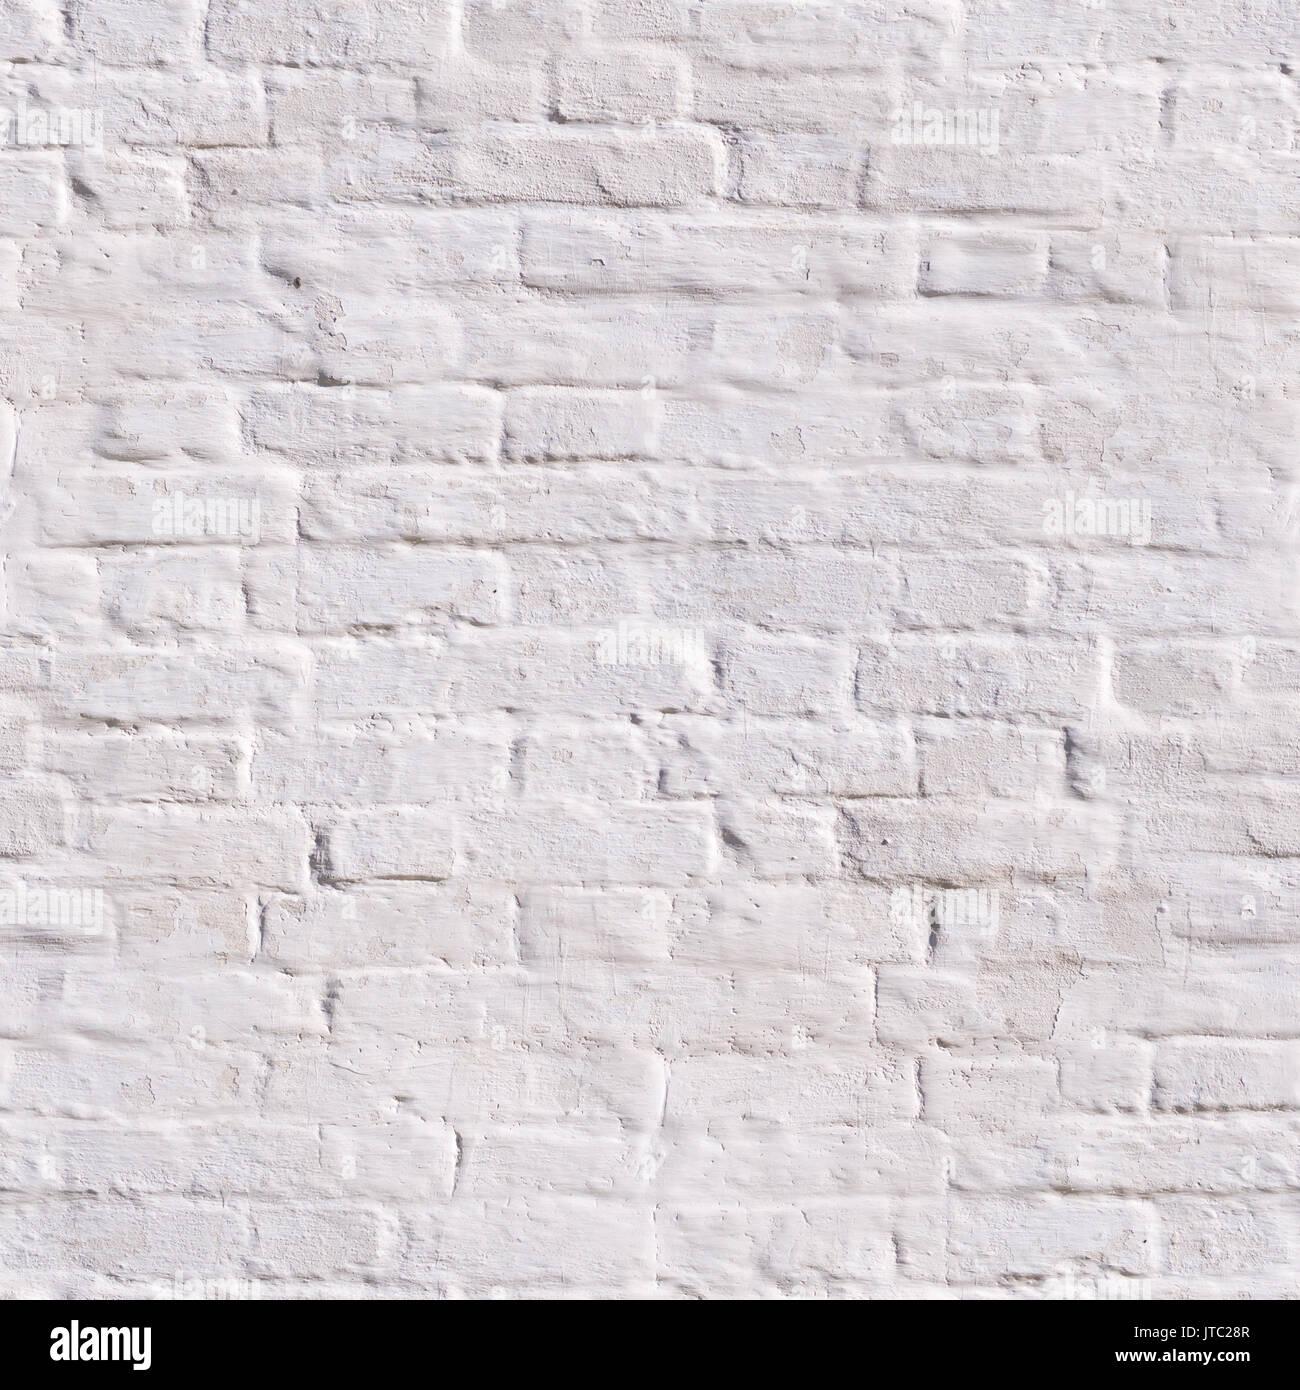 nahtlose sauber wei gestrichenen wand hintergrund textur stockfoto bild 152699927 alamy. Black Bedroom Furniture Sets. Home Design Ideas